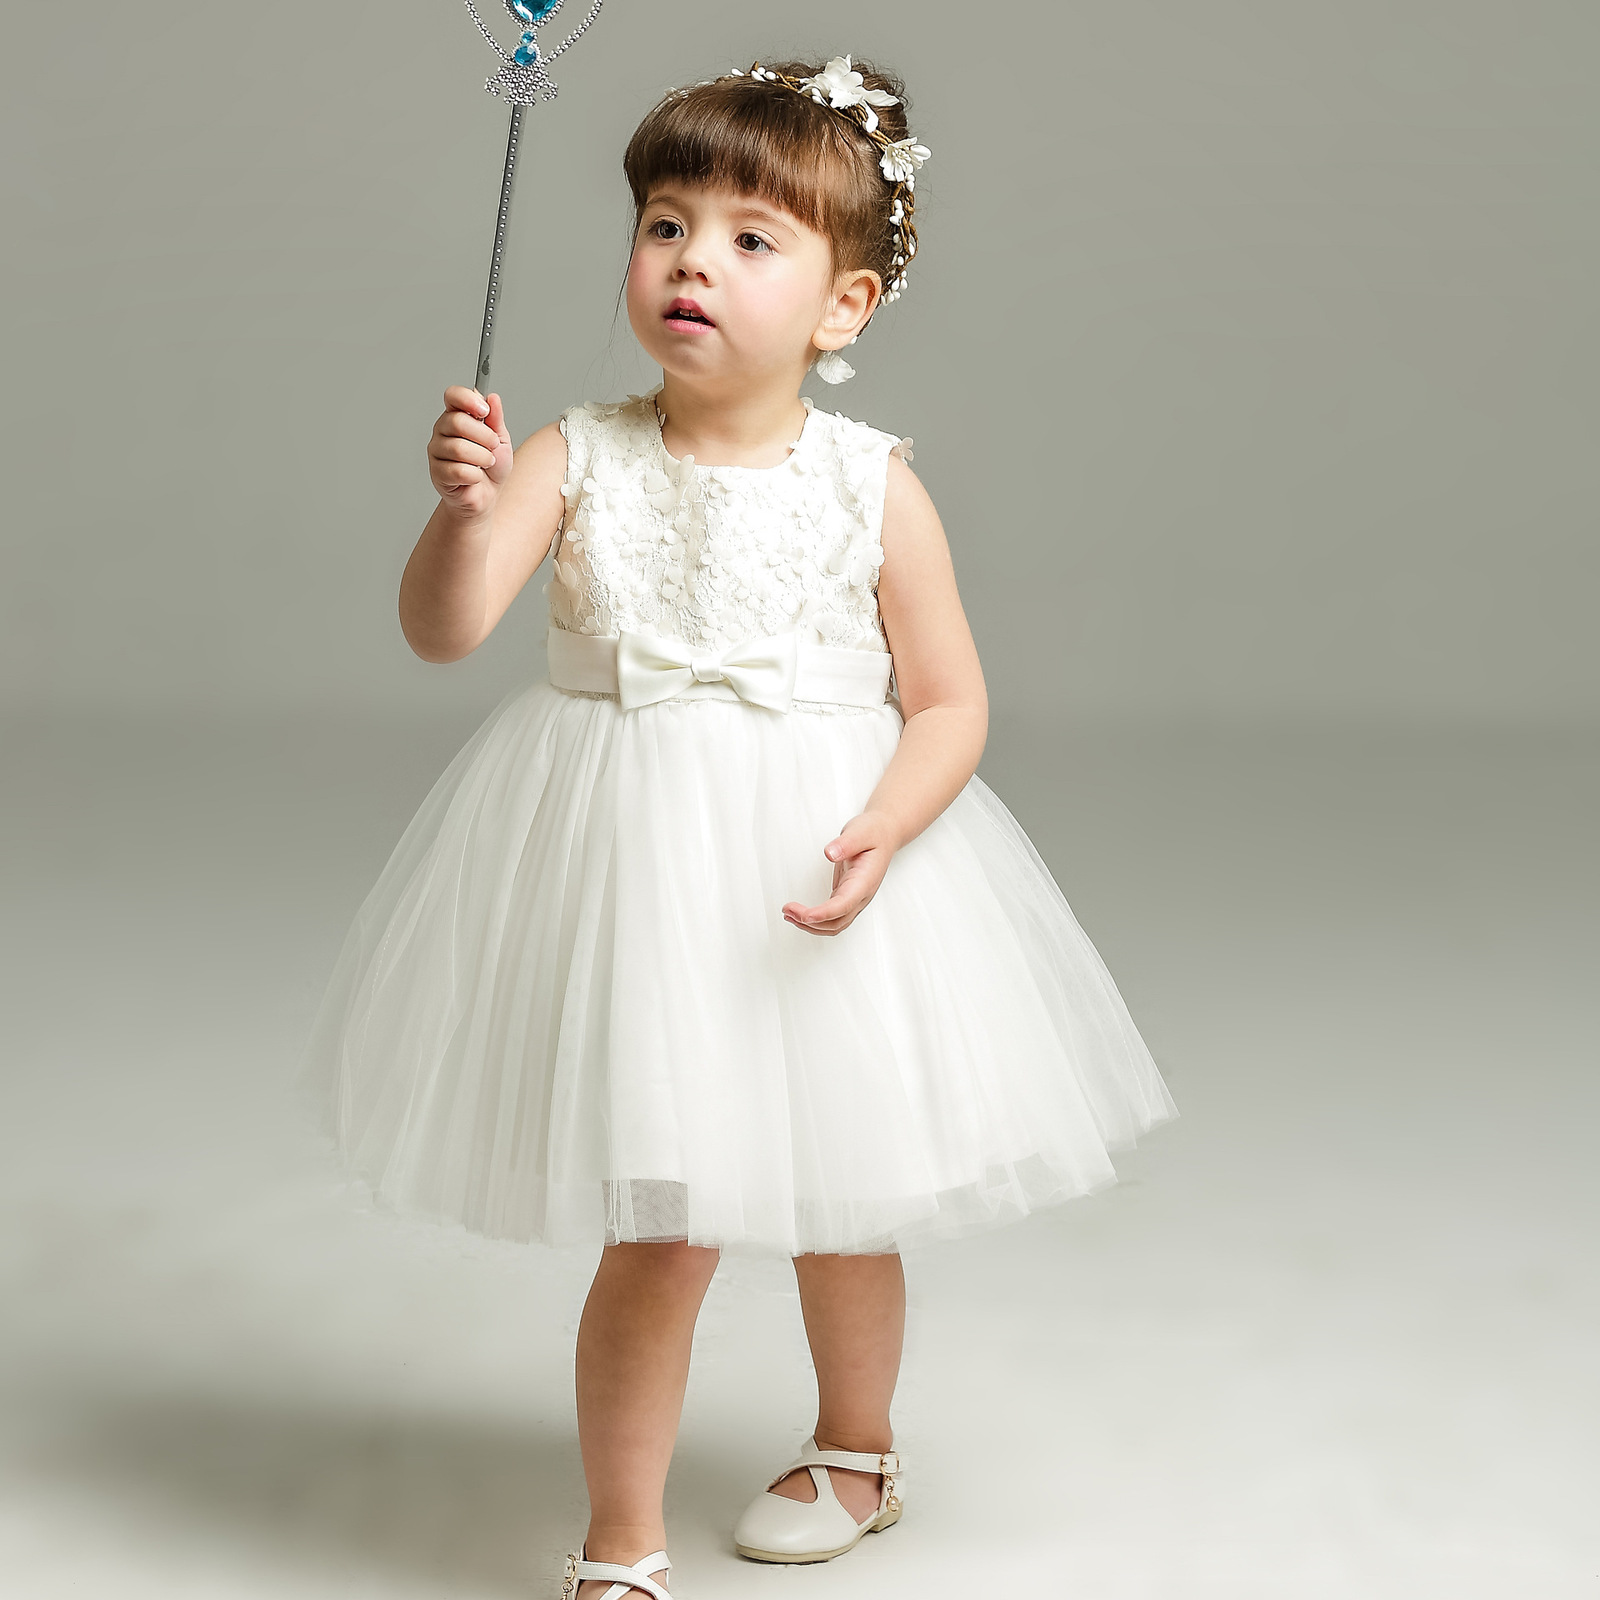 New Body Dress 0-24 Month Strapless White Flower Girl Dress Ball Gowns Short2018